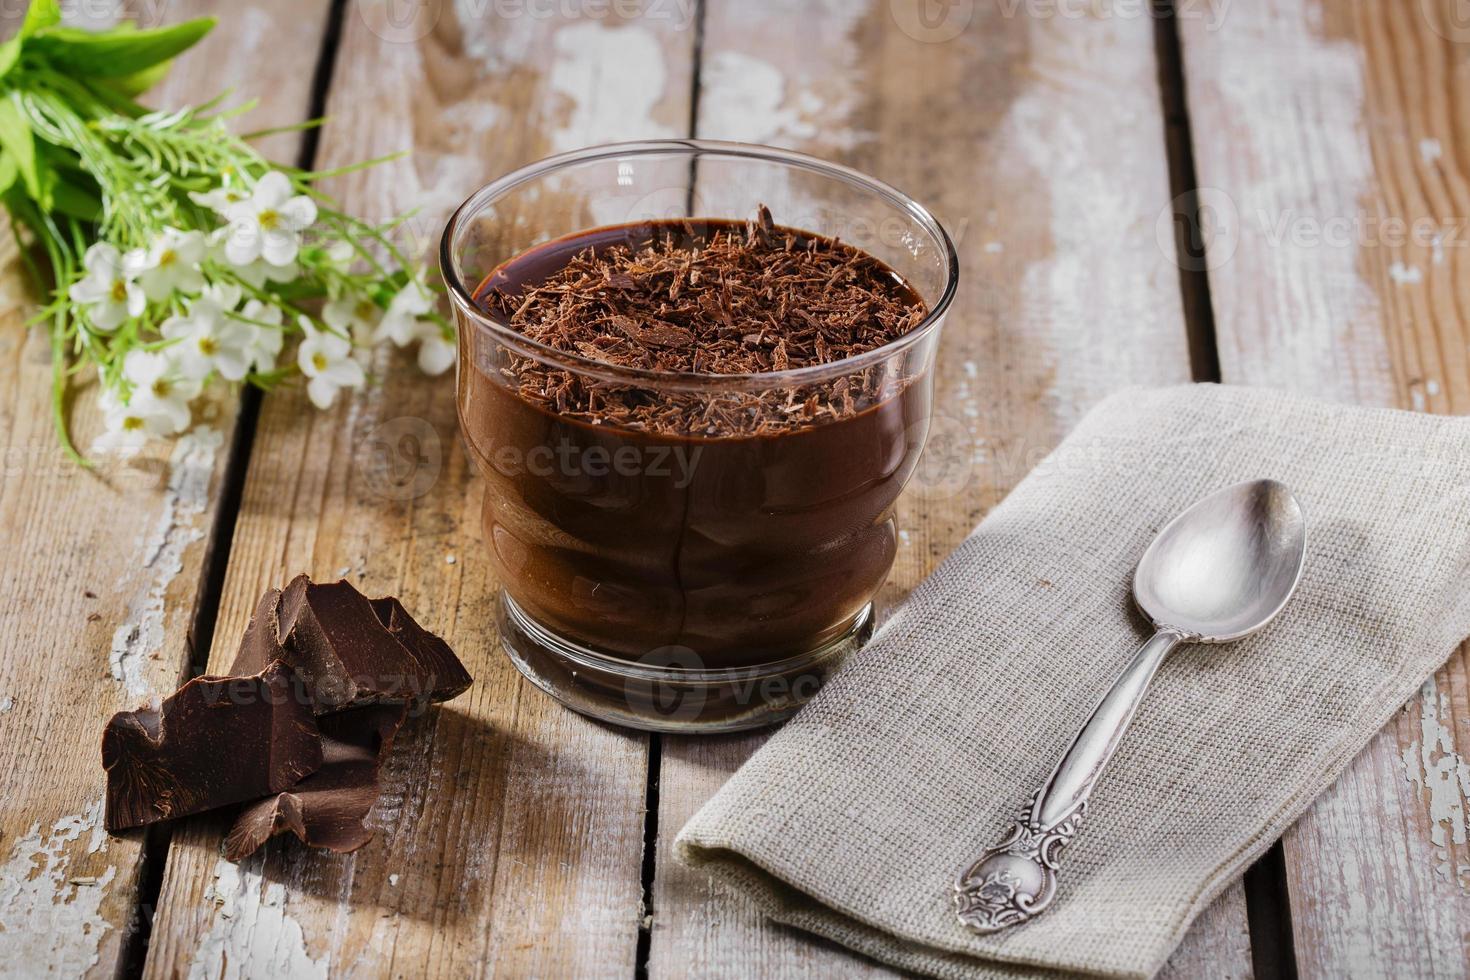 mousse de chocolate en un vaso foto